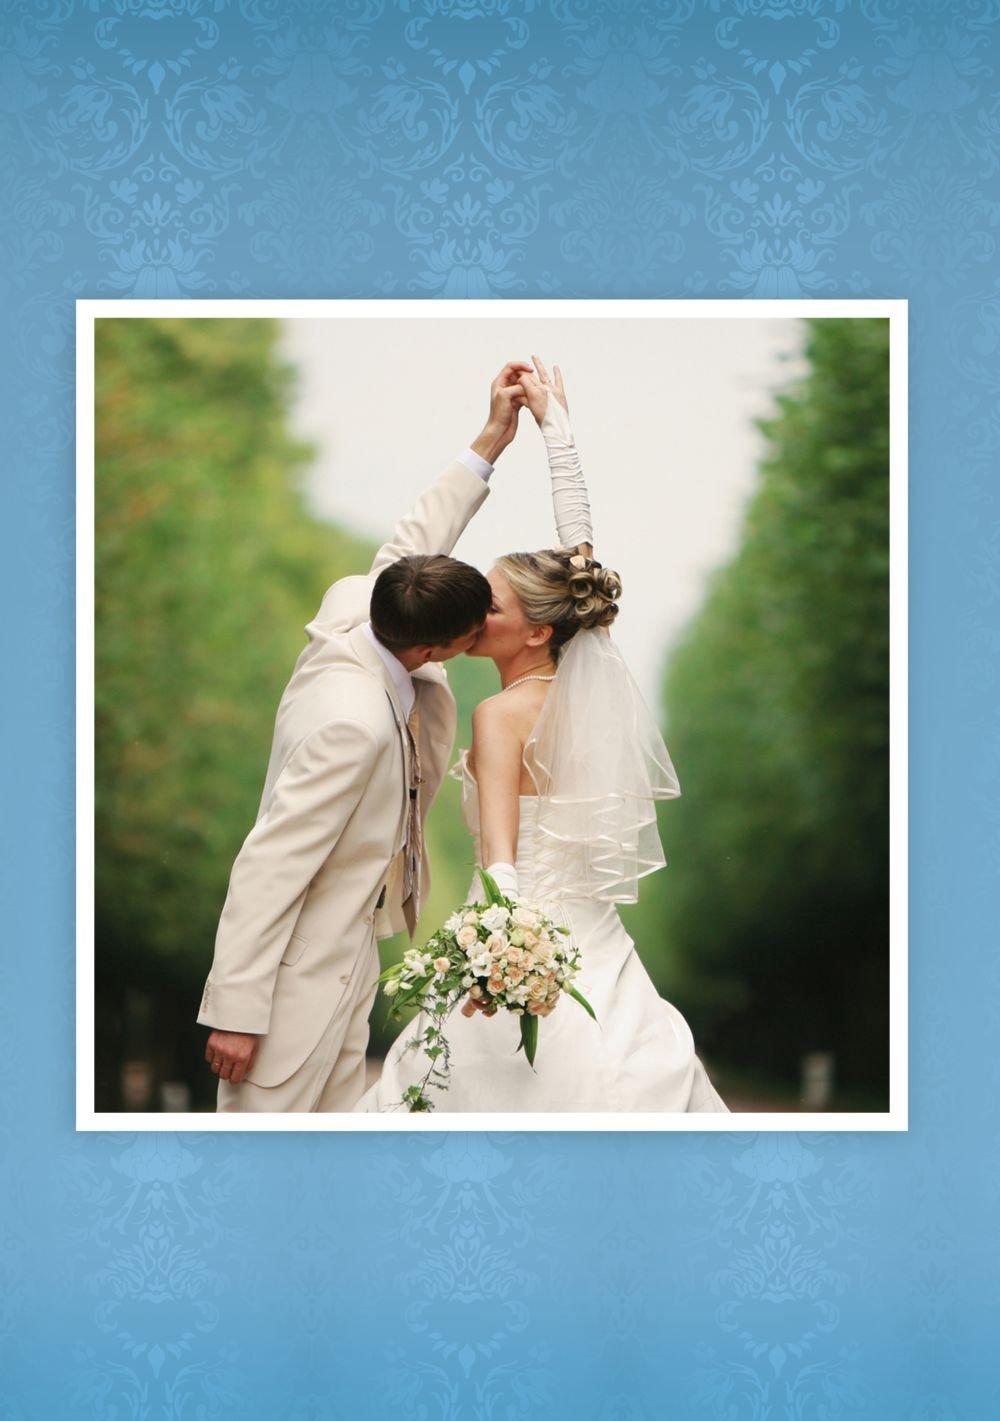 Kartenparadies Danksagung Danksagung Danksagung für Hochzeitsgeschenke Hochzeit Danke Eheversprechen, hochwertige Danksagungskarte Hochzeitsglückwünsche inklusive Umschläge   20 Karten - (Format  105x148 mm) Farbe  Orange B01MZCCBZA | Ausgezeichnet (in) Qua caed12